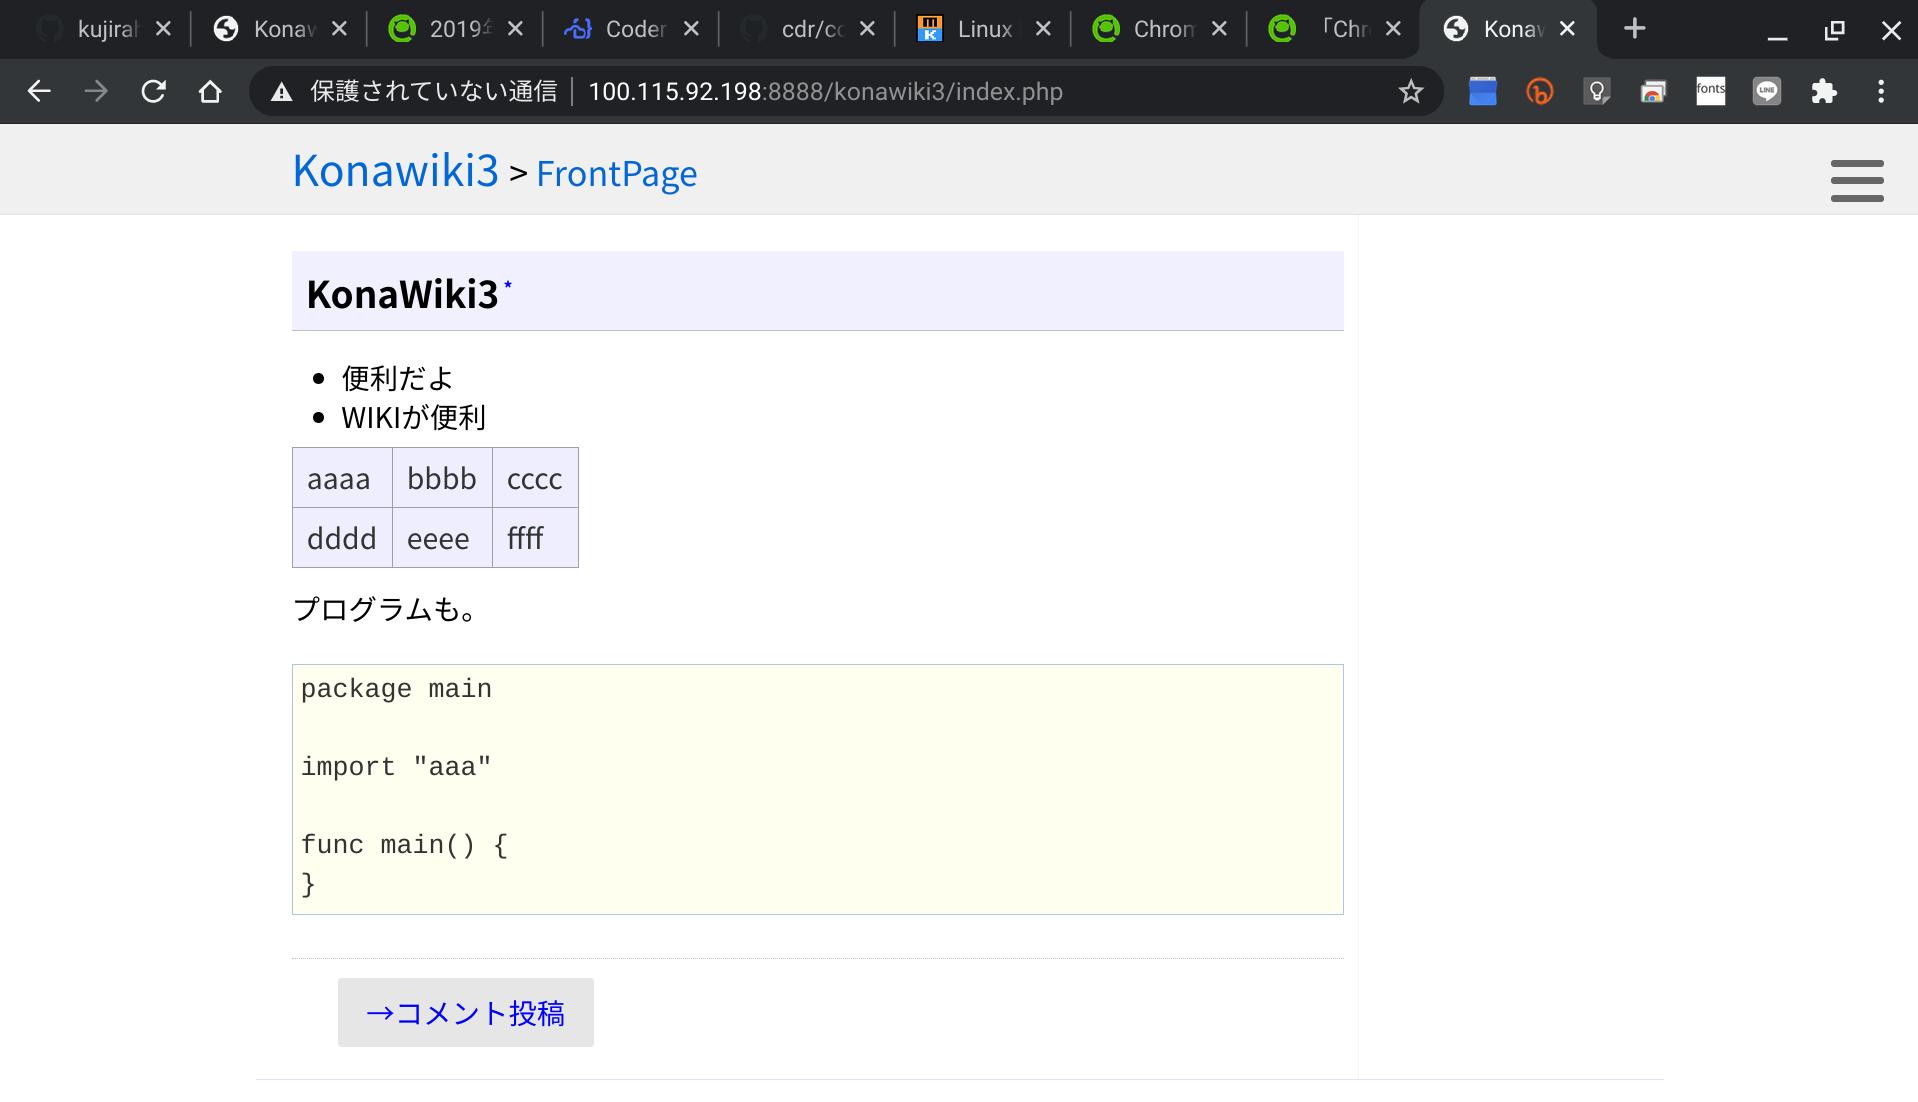 Screenshot 2020-10-18 at 11.02.48.png